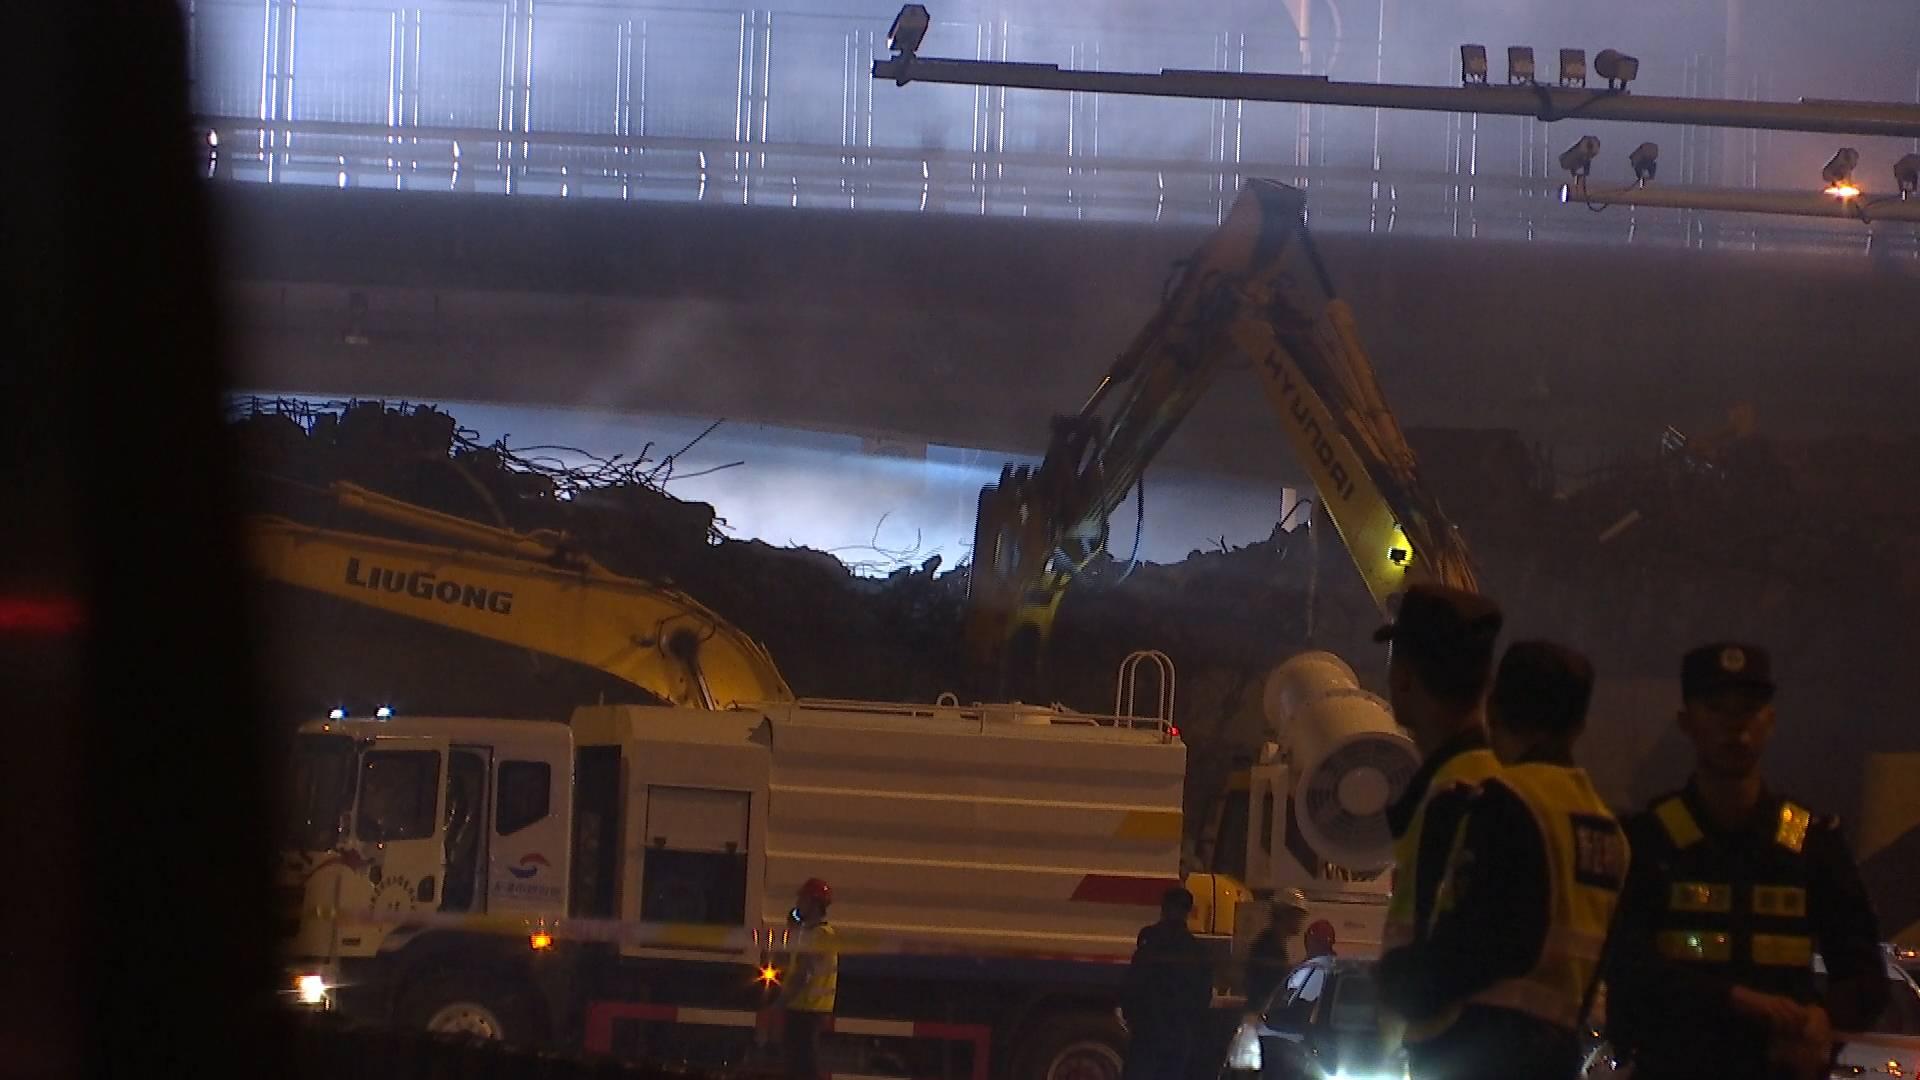 87秒丨无锡跨桥侧翻事故后的22小时,都发生了什么?